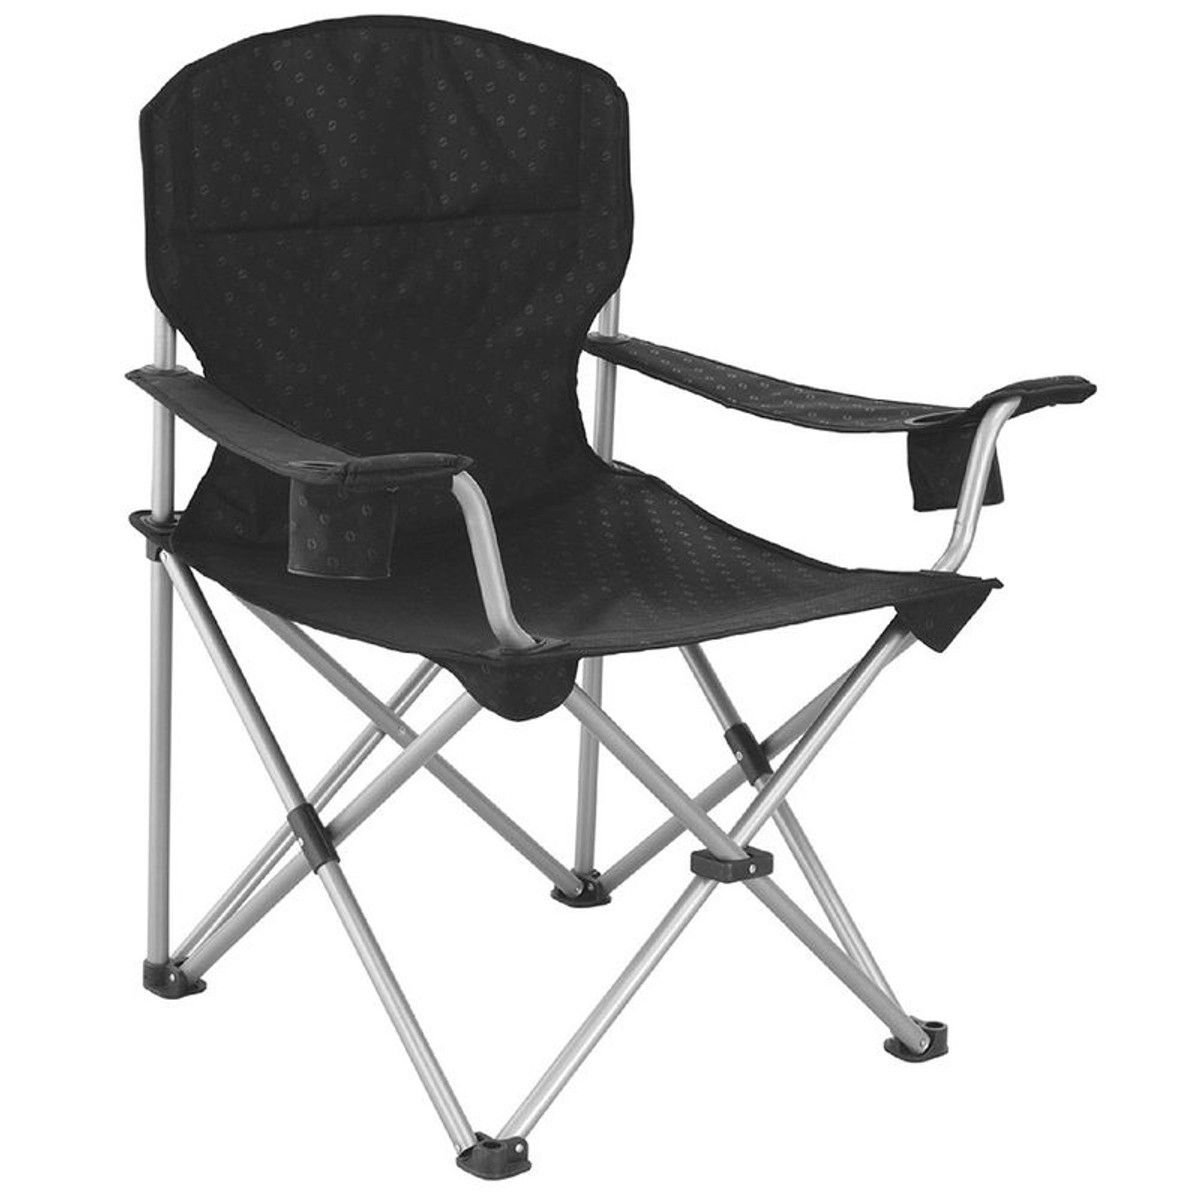 Catamarca Siege Camping Arm Chair Xl Noir Taille Taille Unique Chaises De Camping Siege Camping Et Chaise